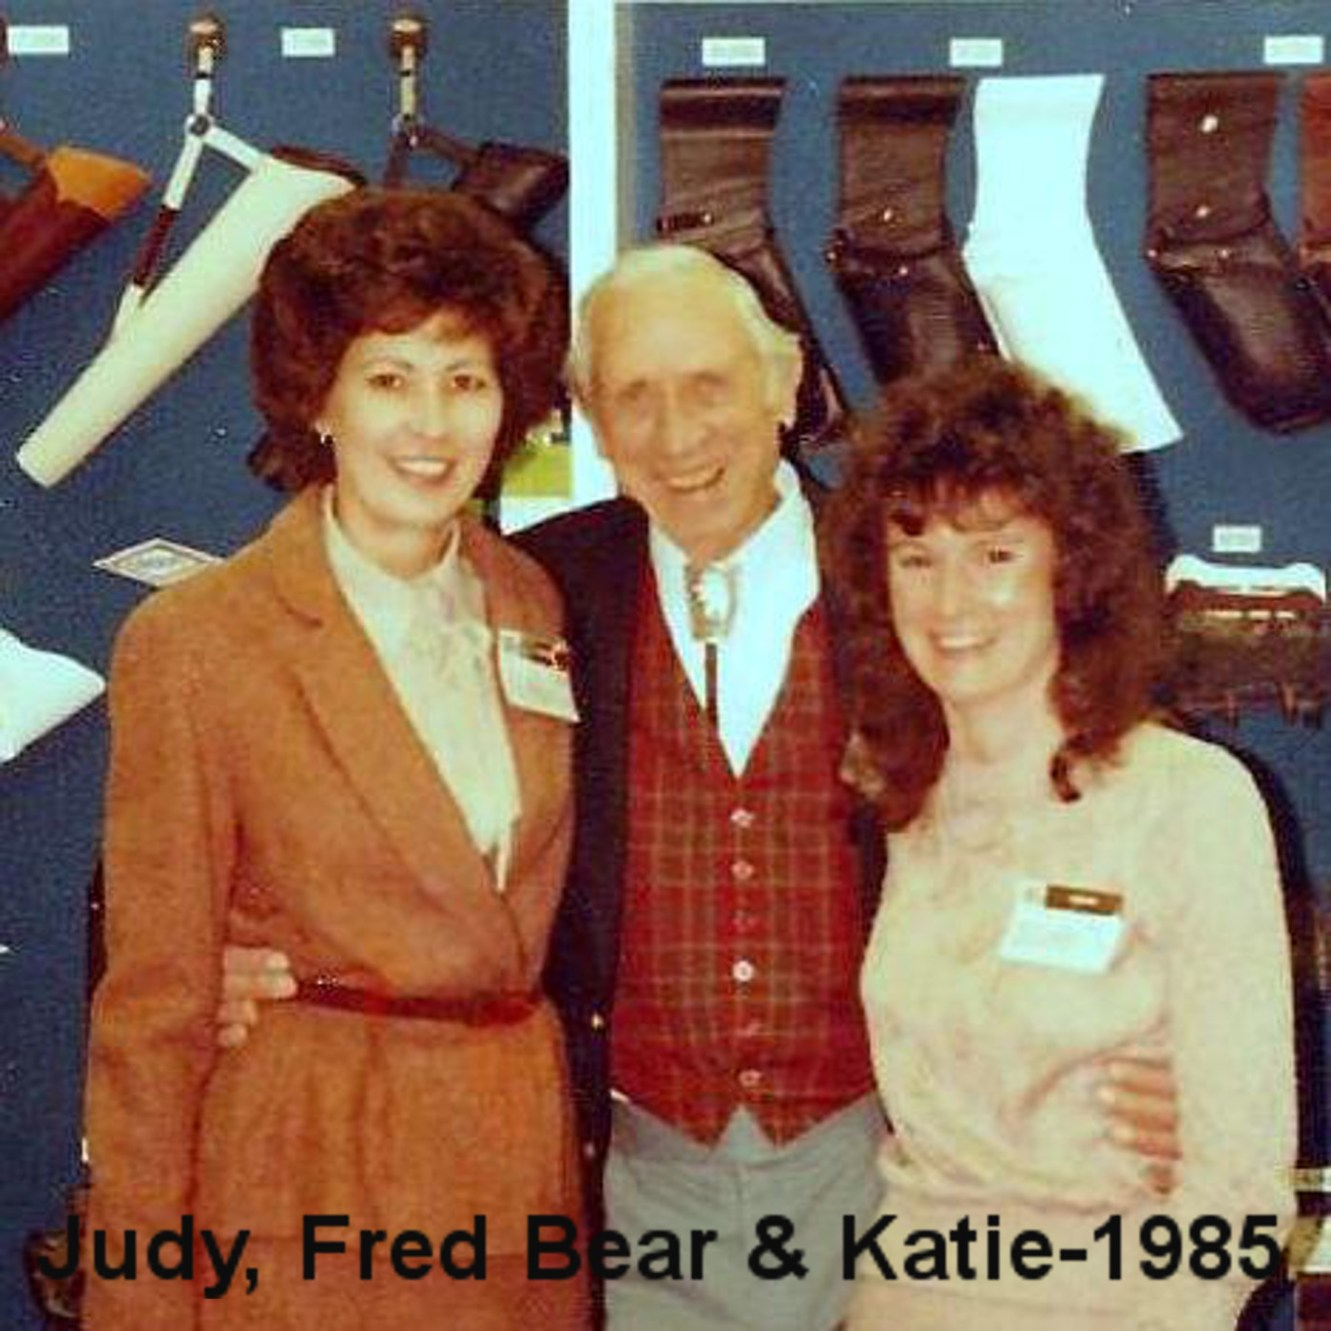 JudyFredBear2T